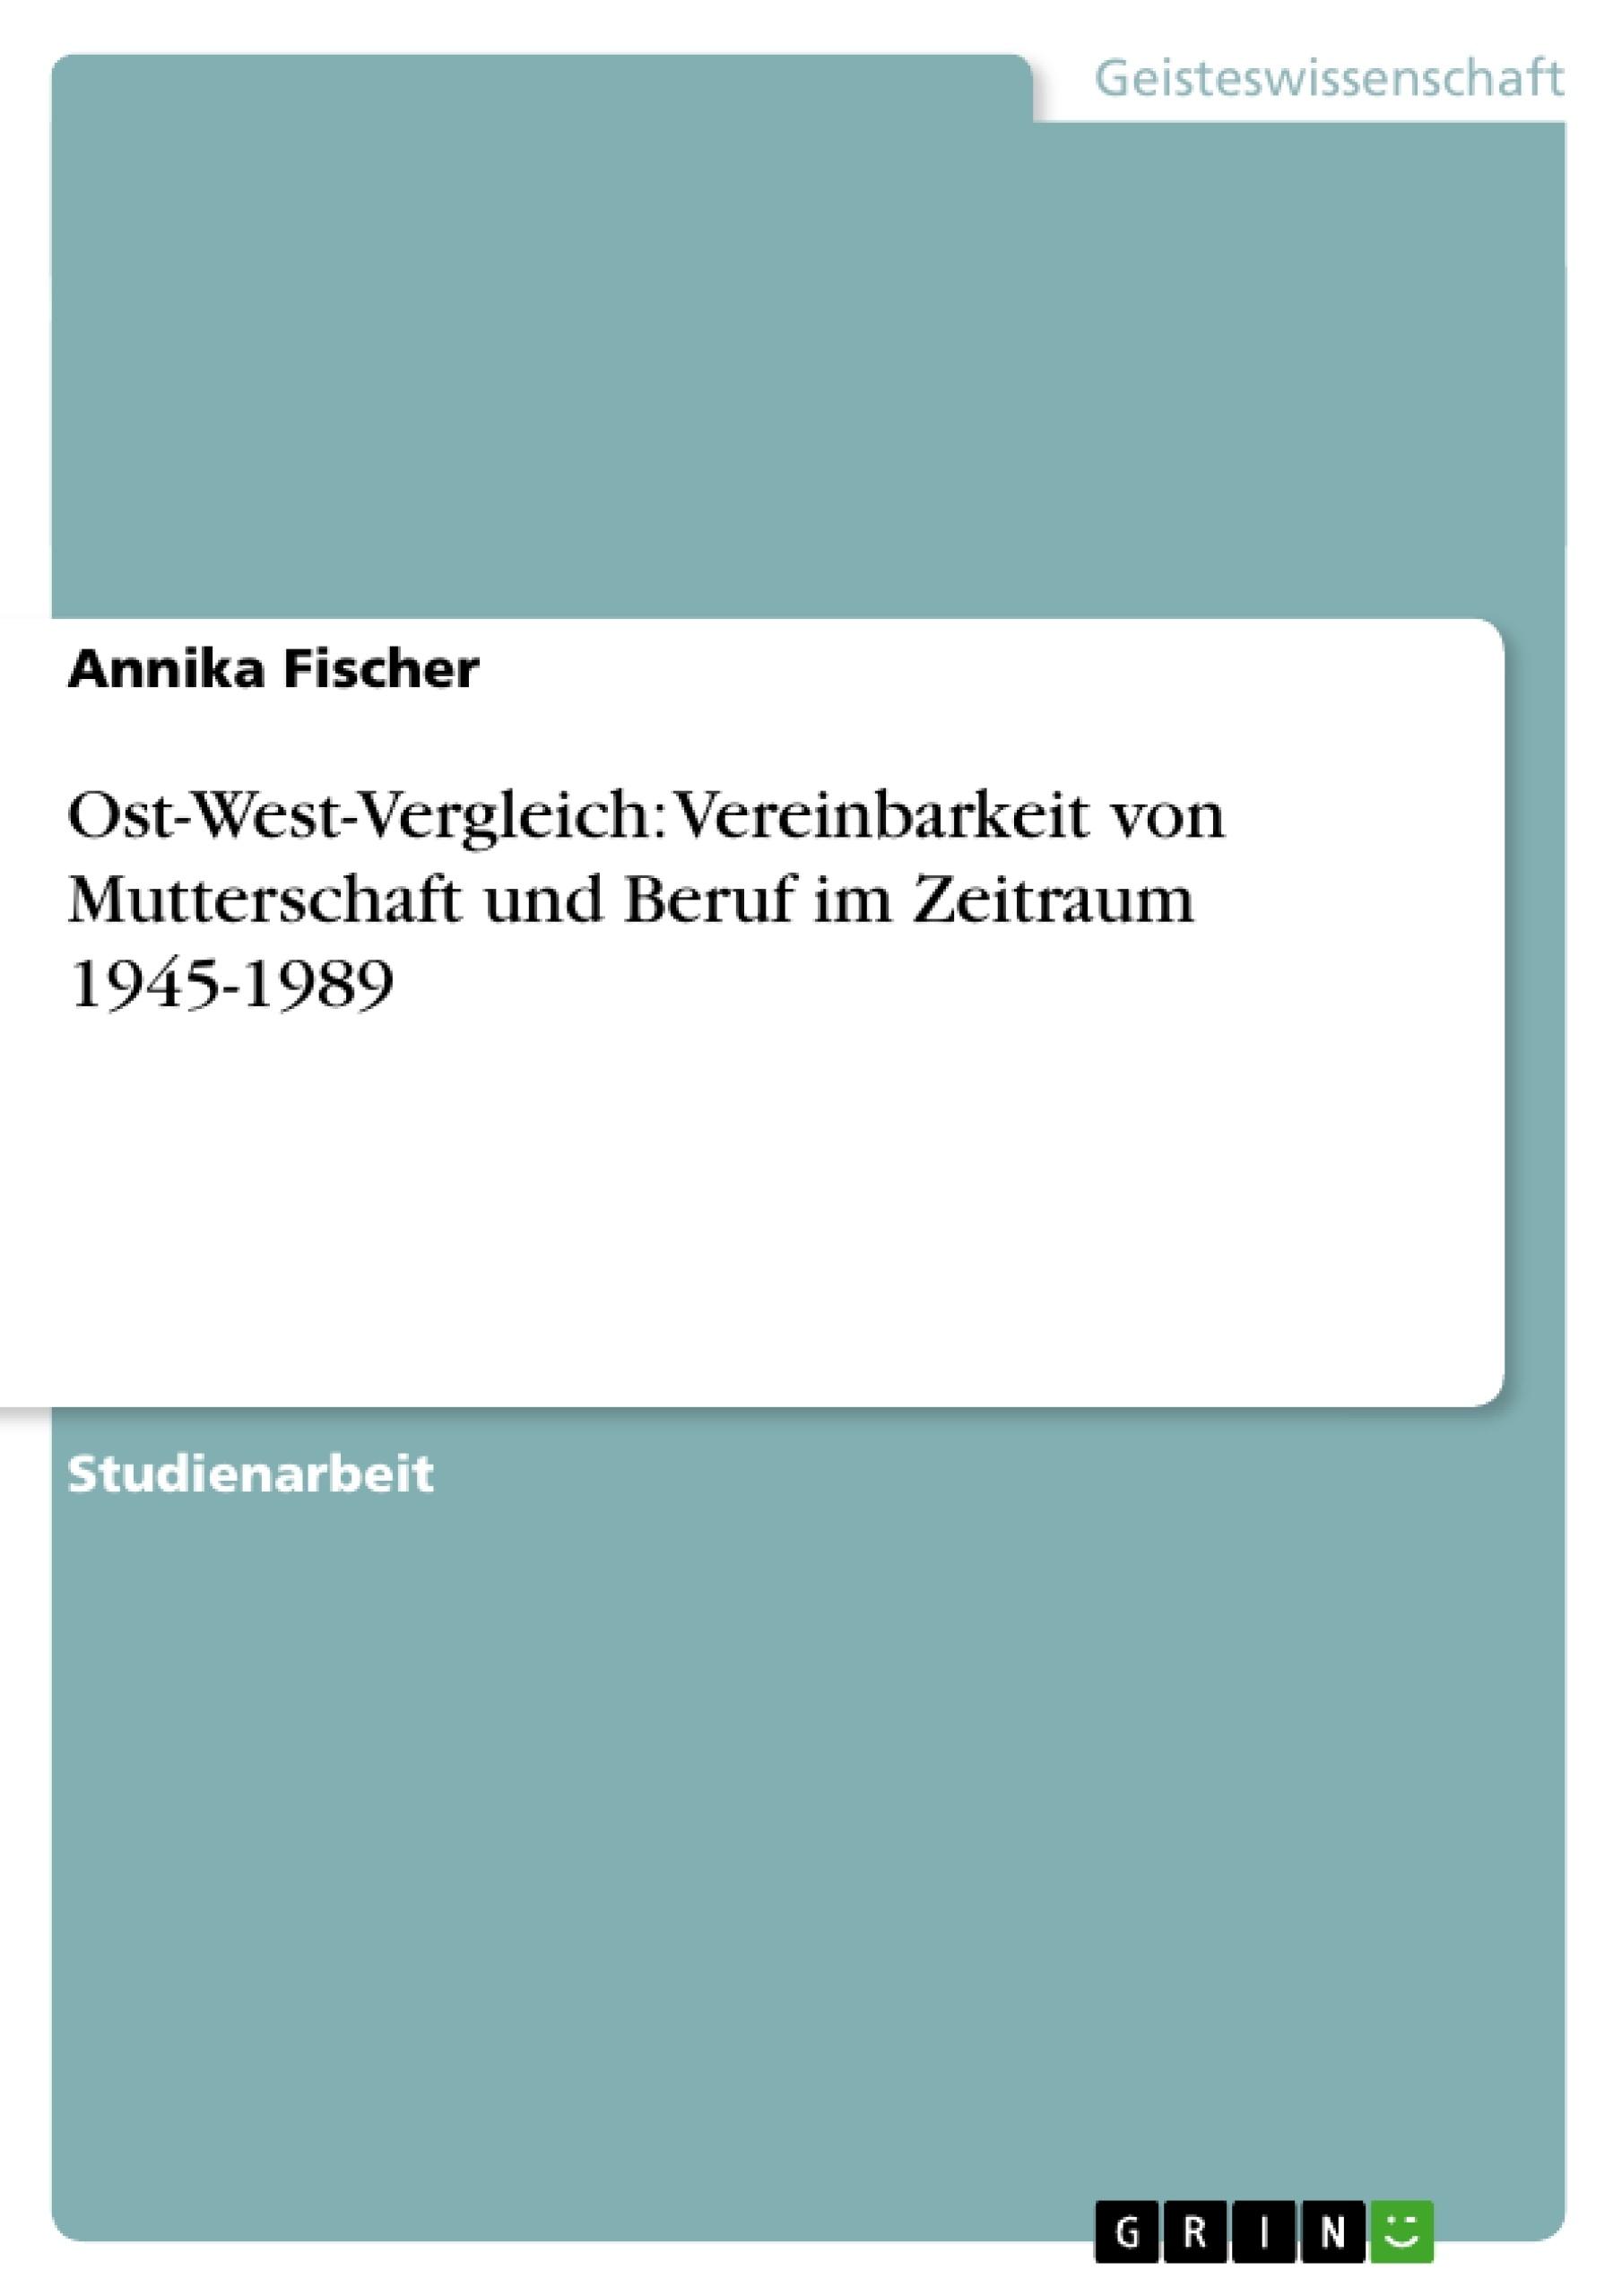 Titel: Ost-West-Vergleich: Vereinbarkeit von Mutterschaft und Beruf im Zeitraum 1945-1989